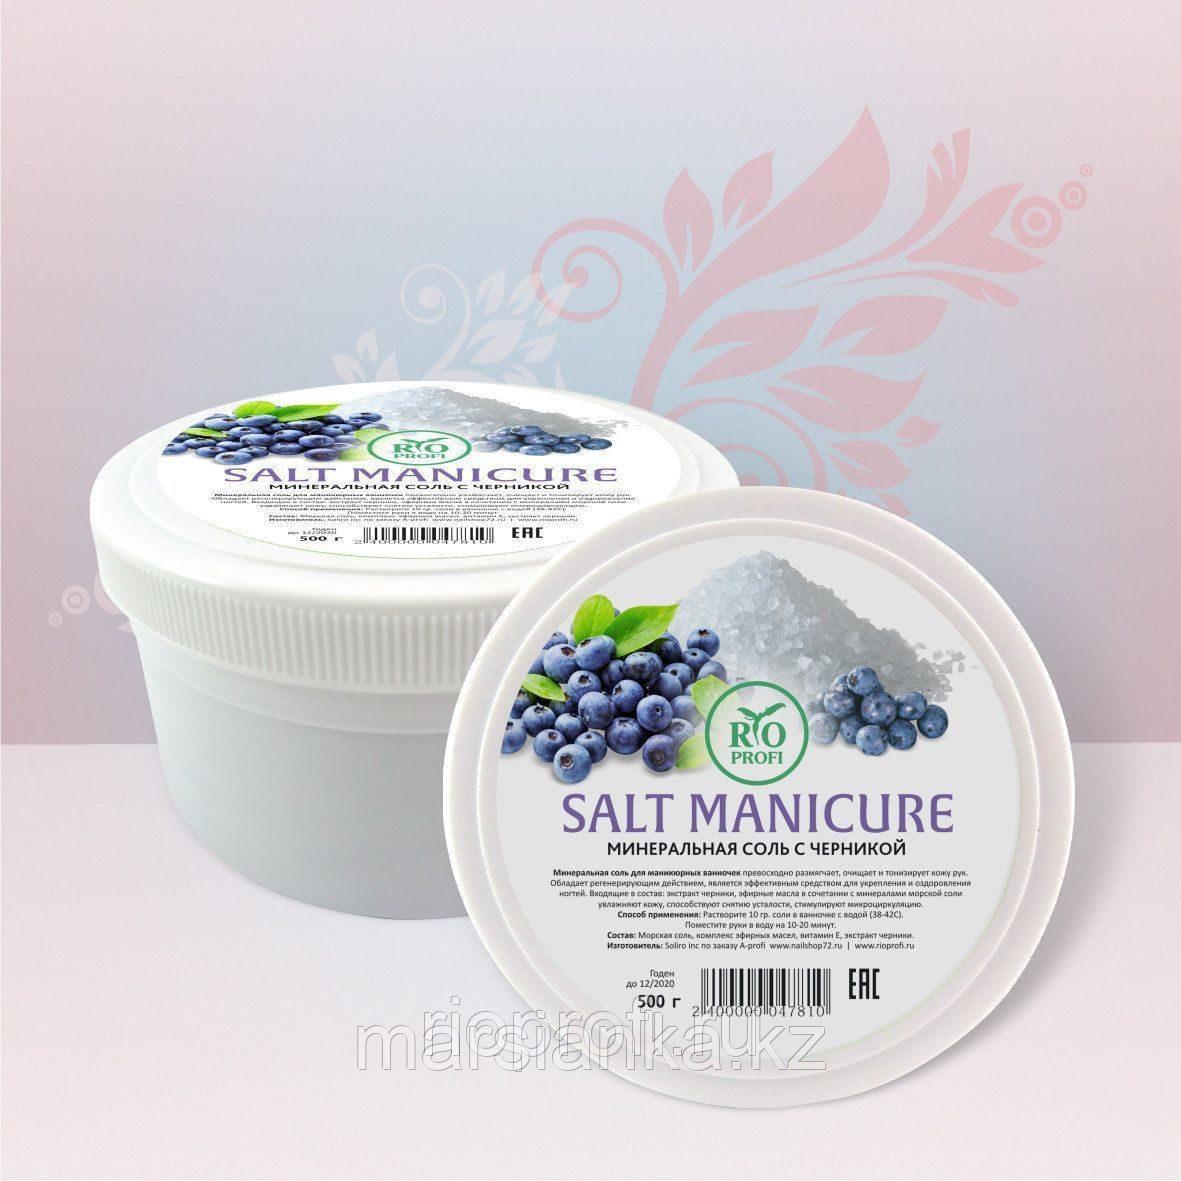 Соль для маникюрных ванночек (черникой) Rio Profi, 500гр